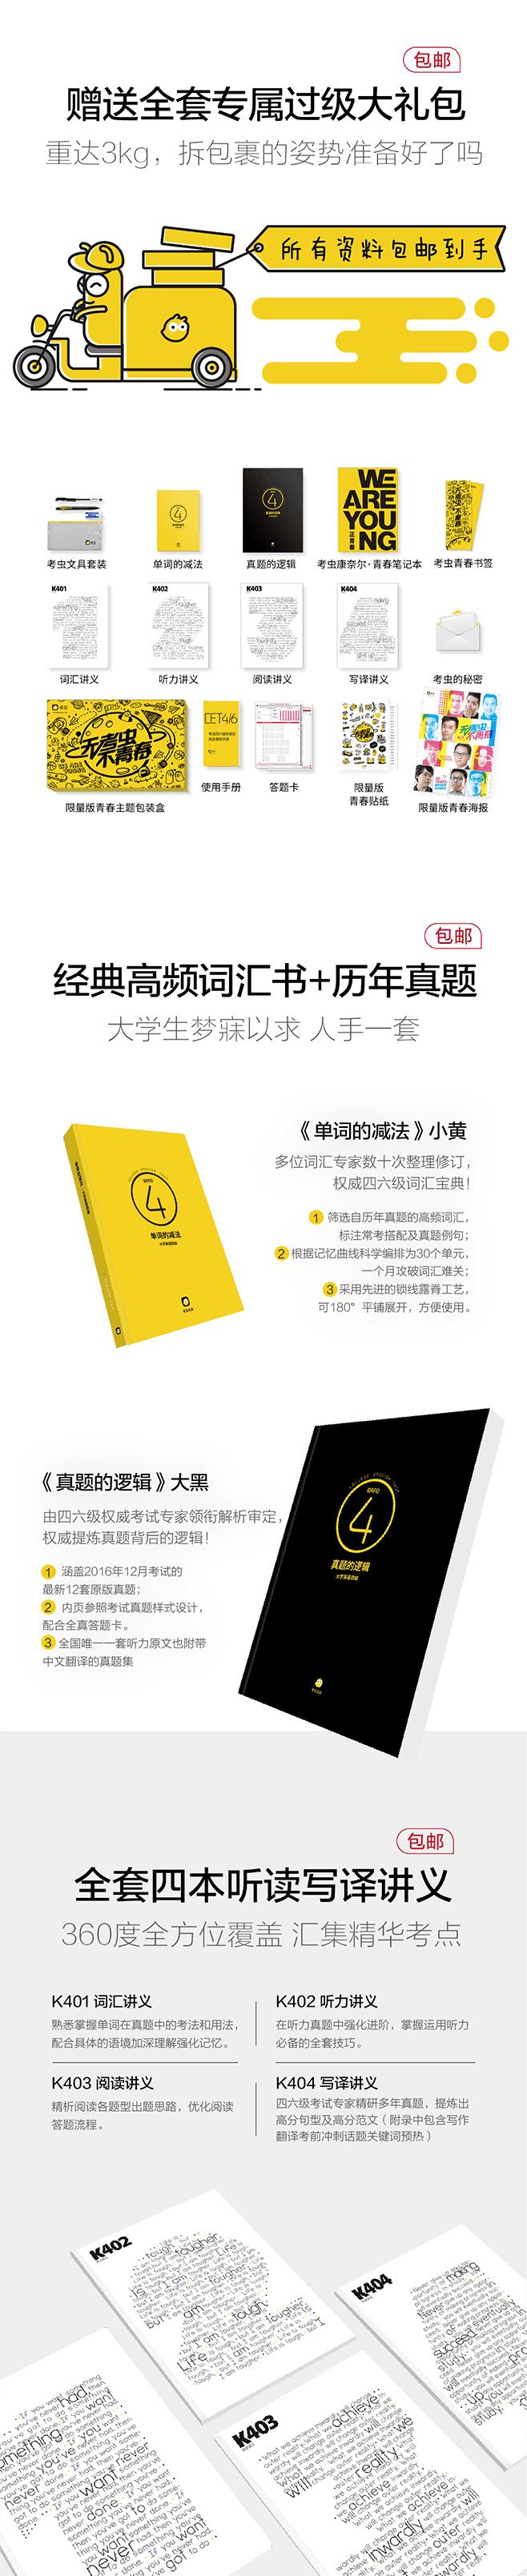 考虫六级系统班2017冲刺班-2.png